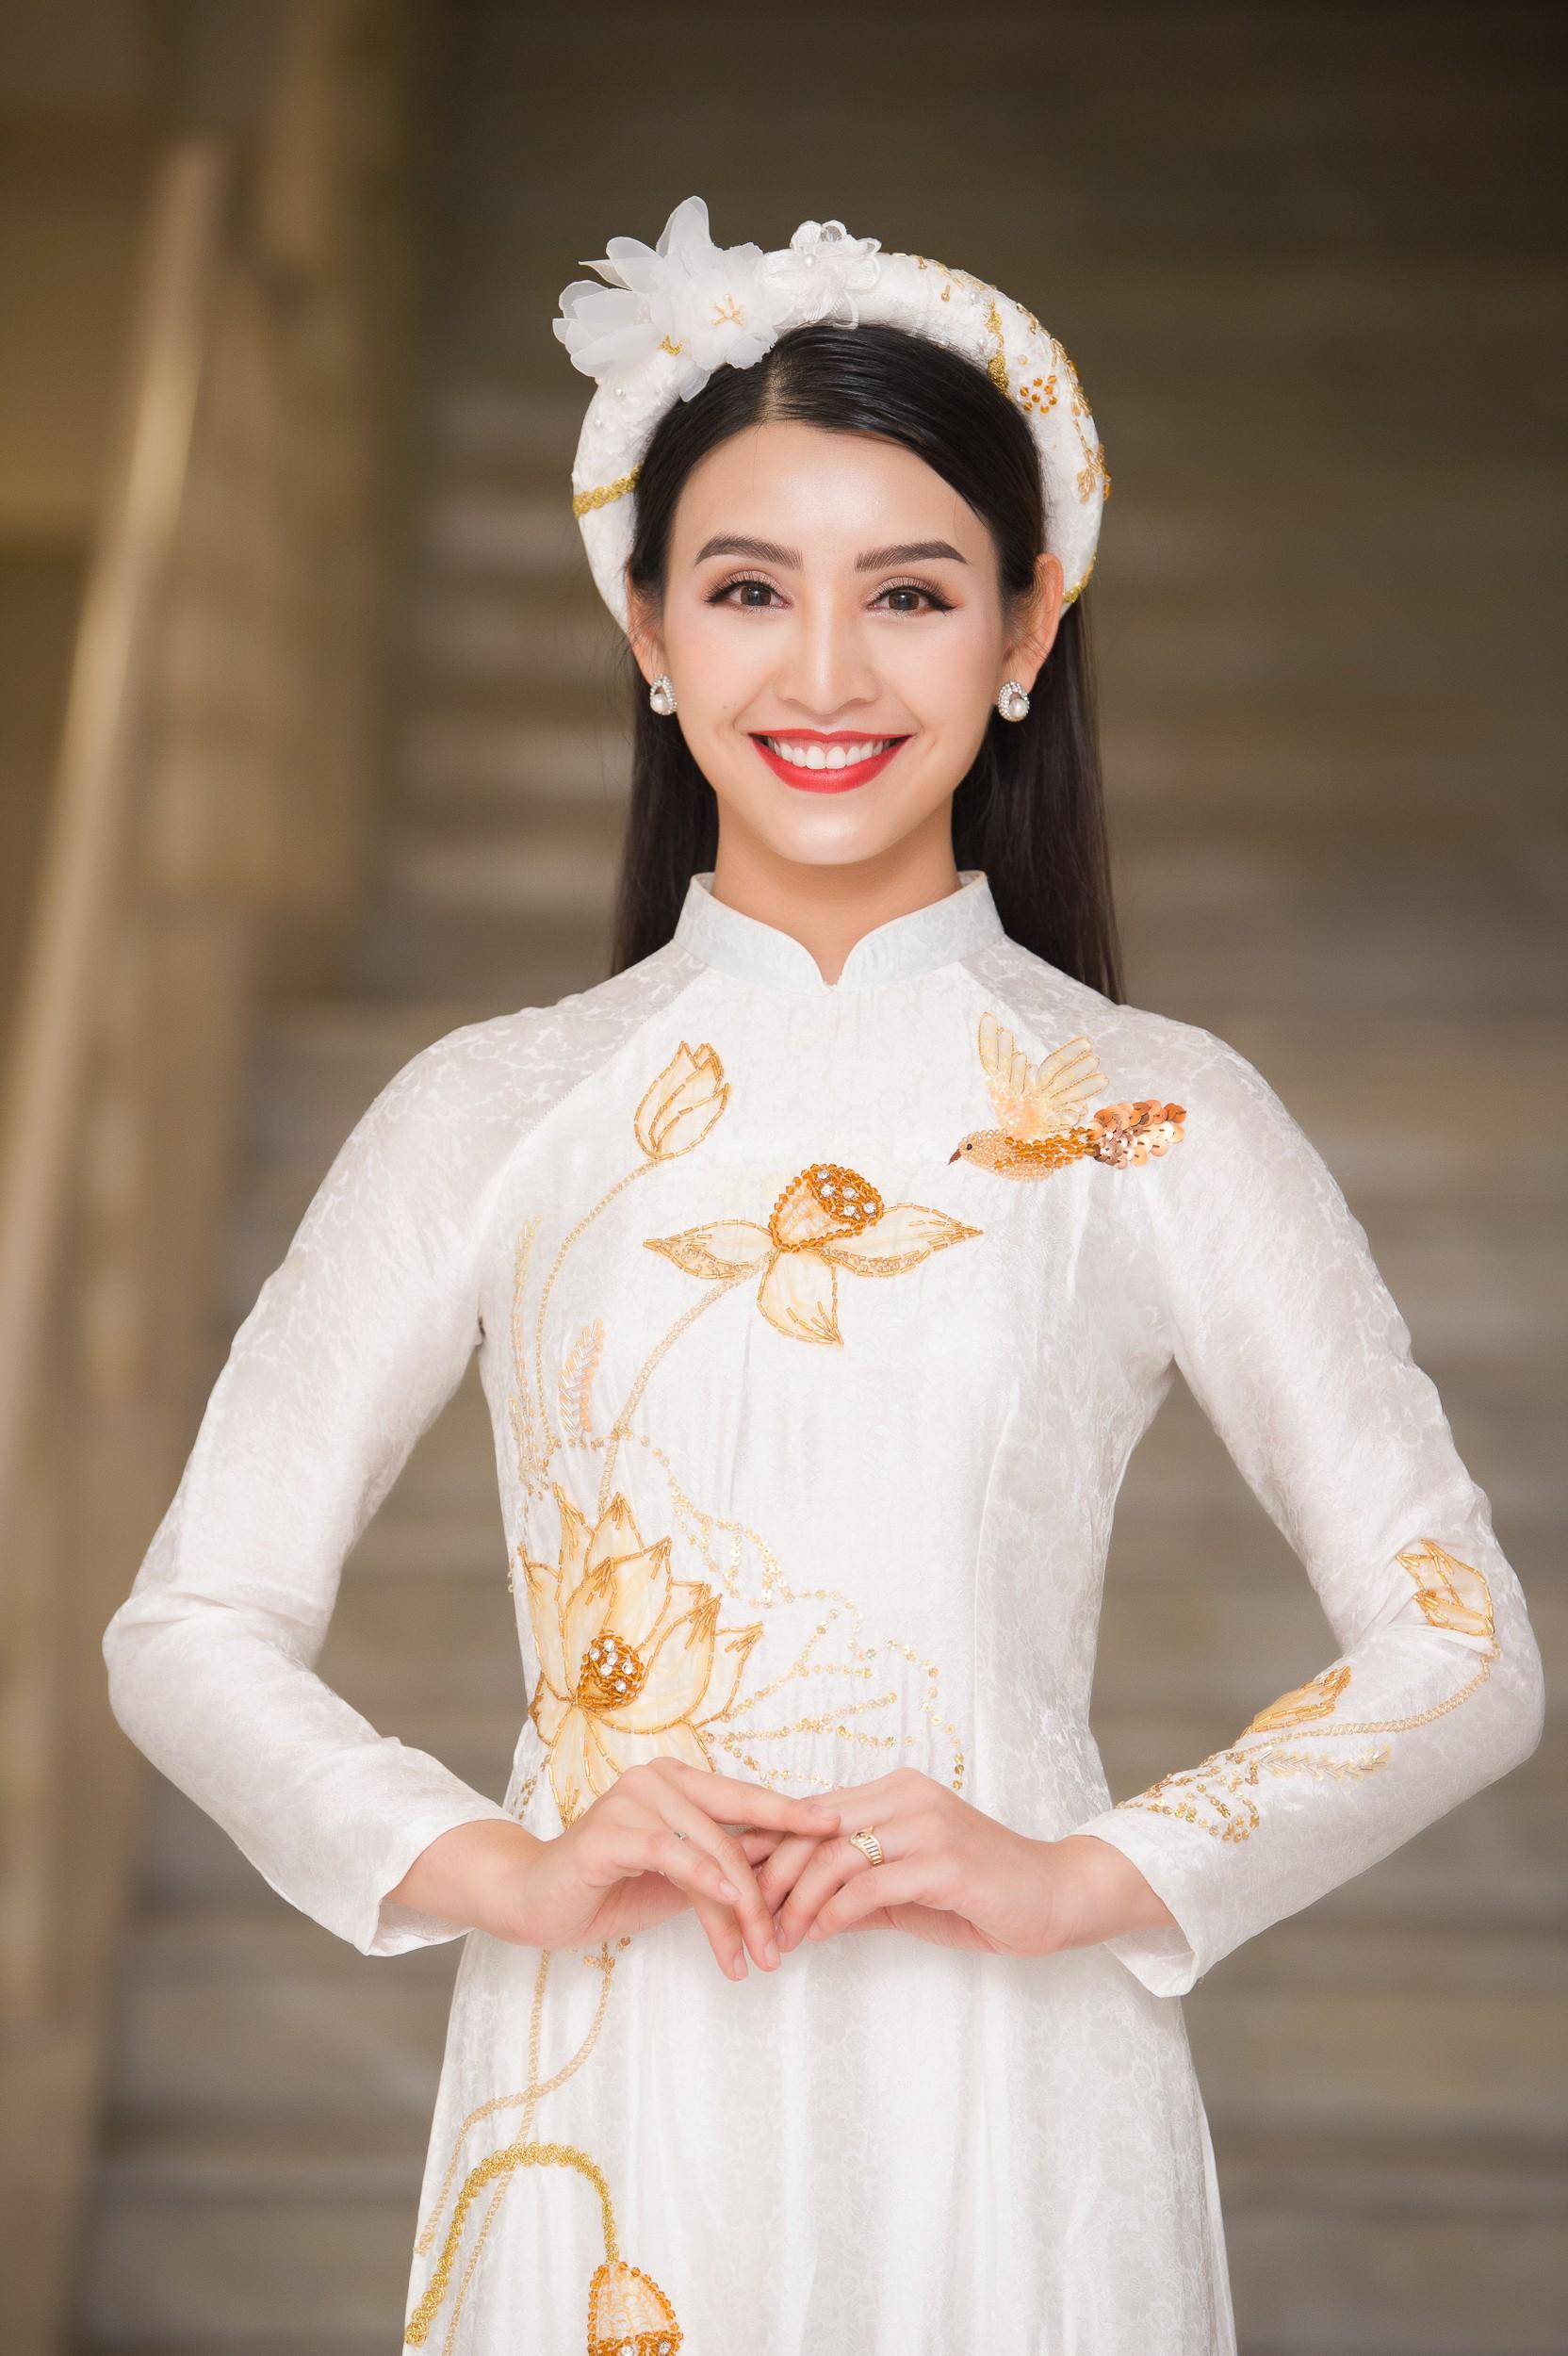 Phương Nga diện áo dài nền nã, thân thiết khi đụng độ bạn gái màn ảnh của Bình An - Ảnh 10.